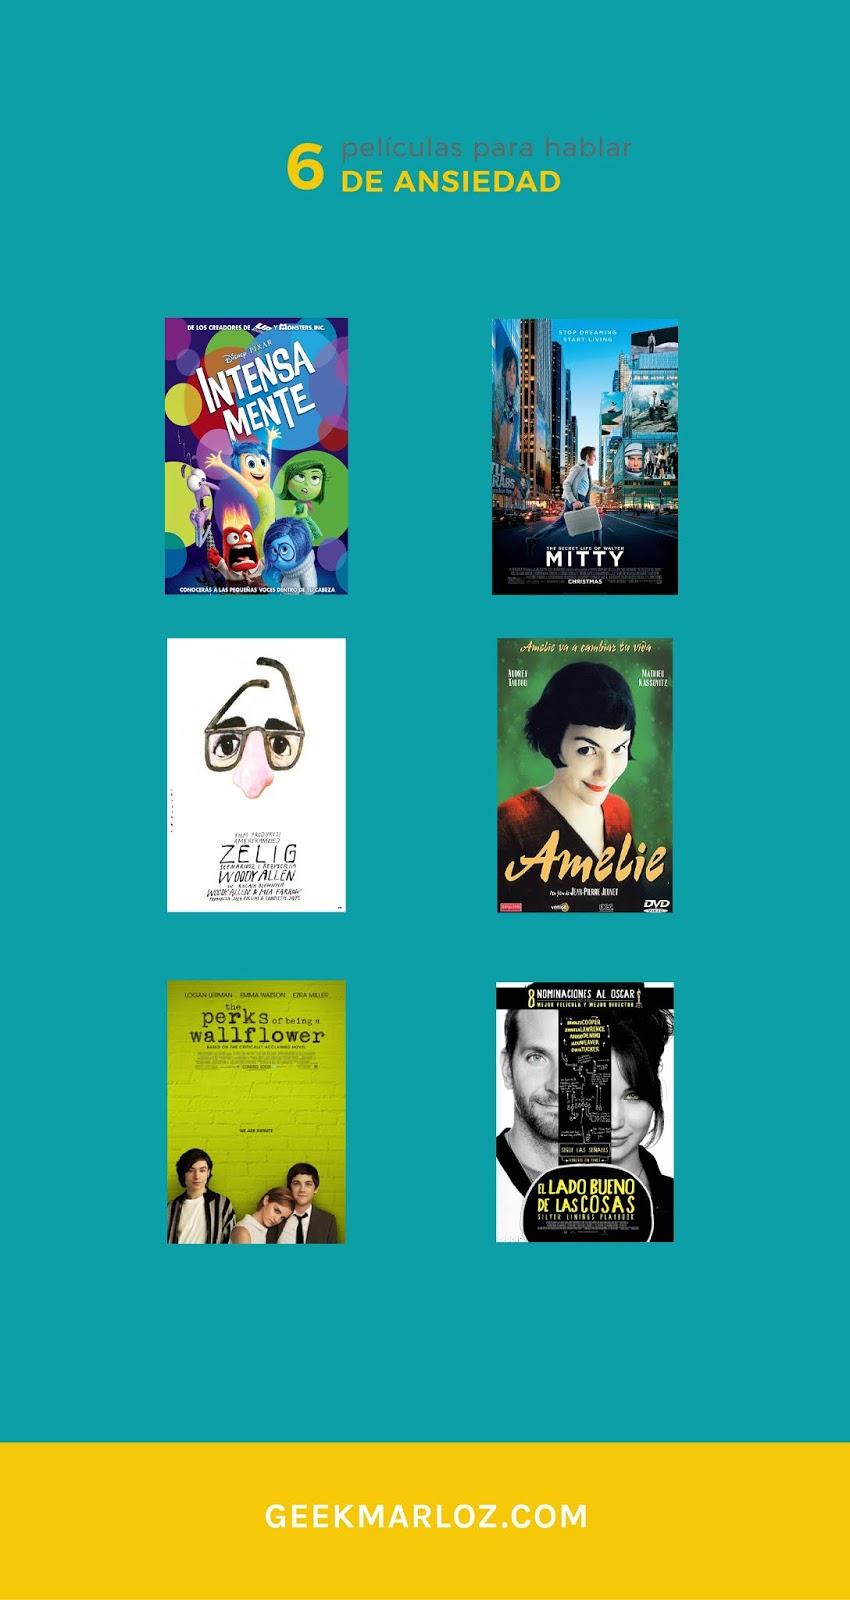 6 películas para hablar de ansiedad